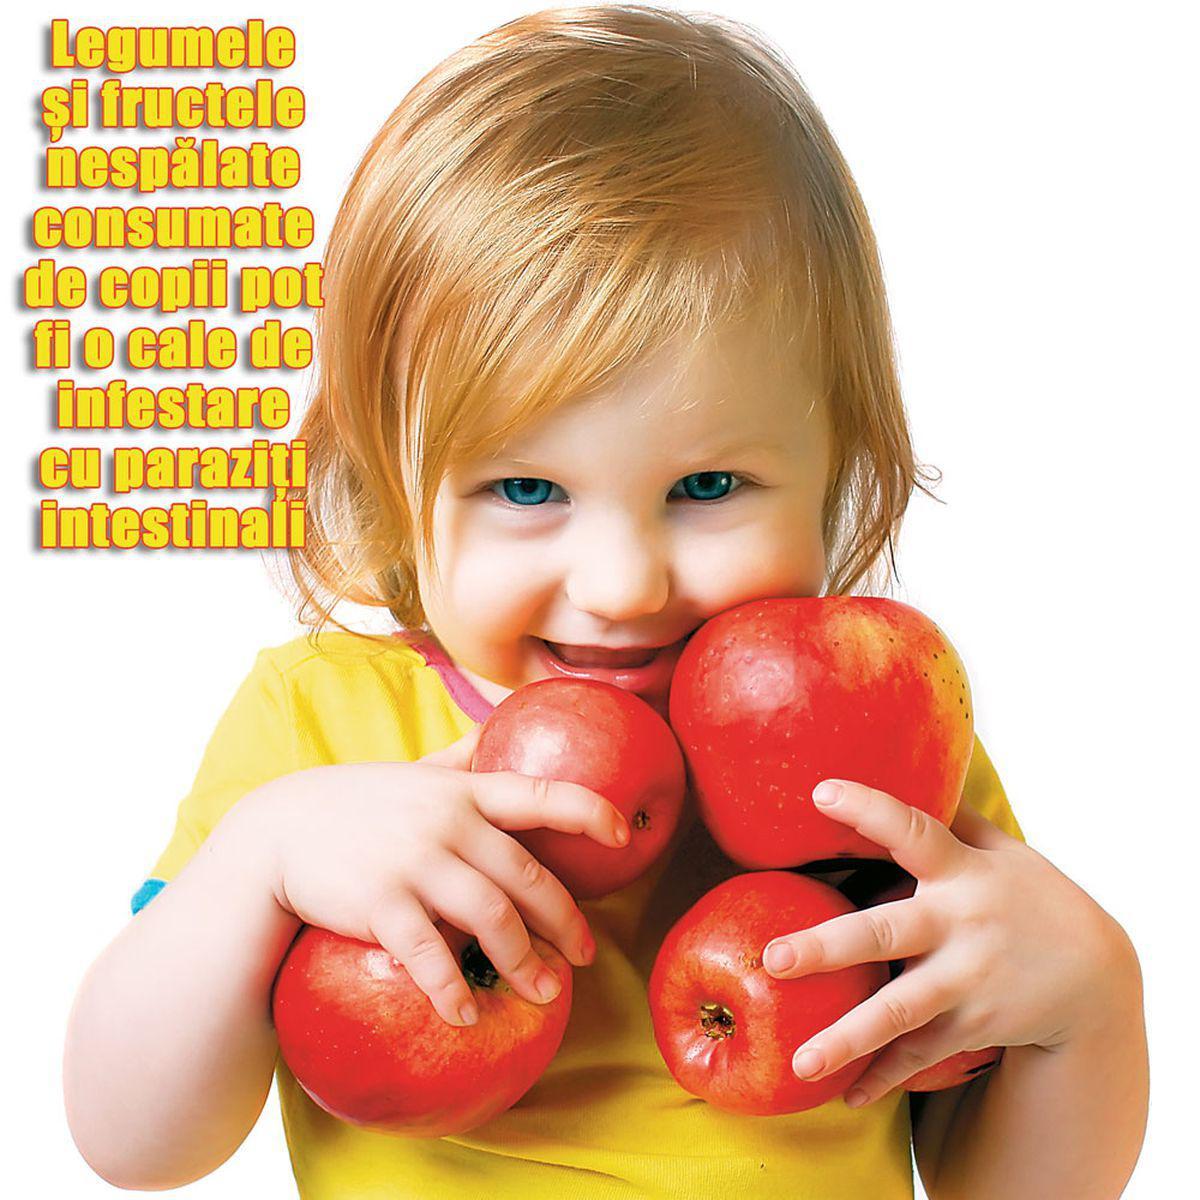 Paraziti intestinali simptome copii. Viermi si paraziti intestinali la copii